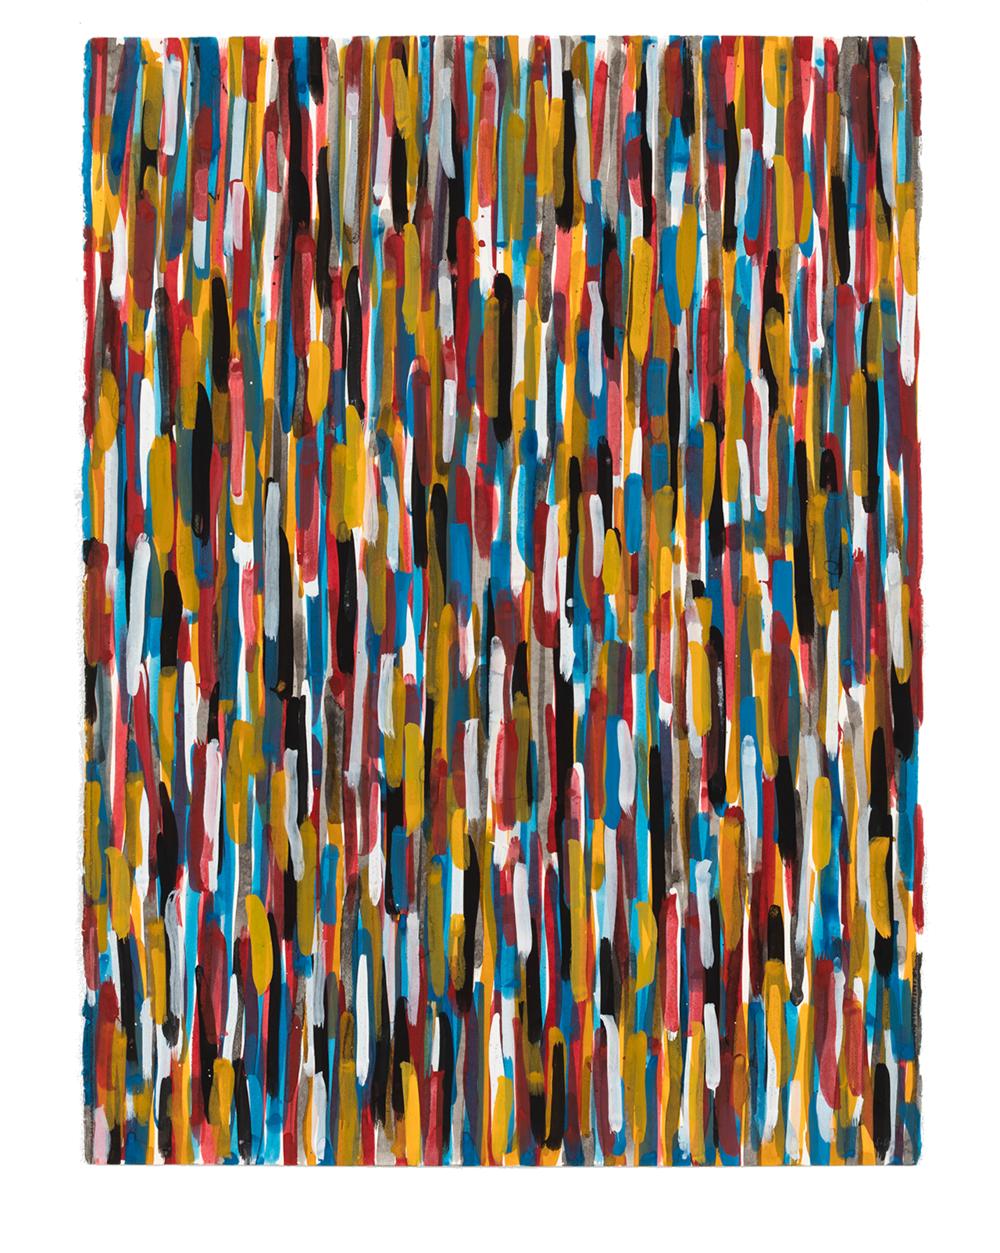 Short Vertical Brushstrokes, 1994